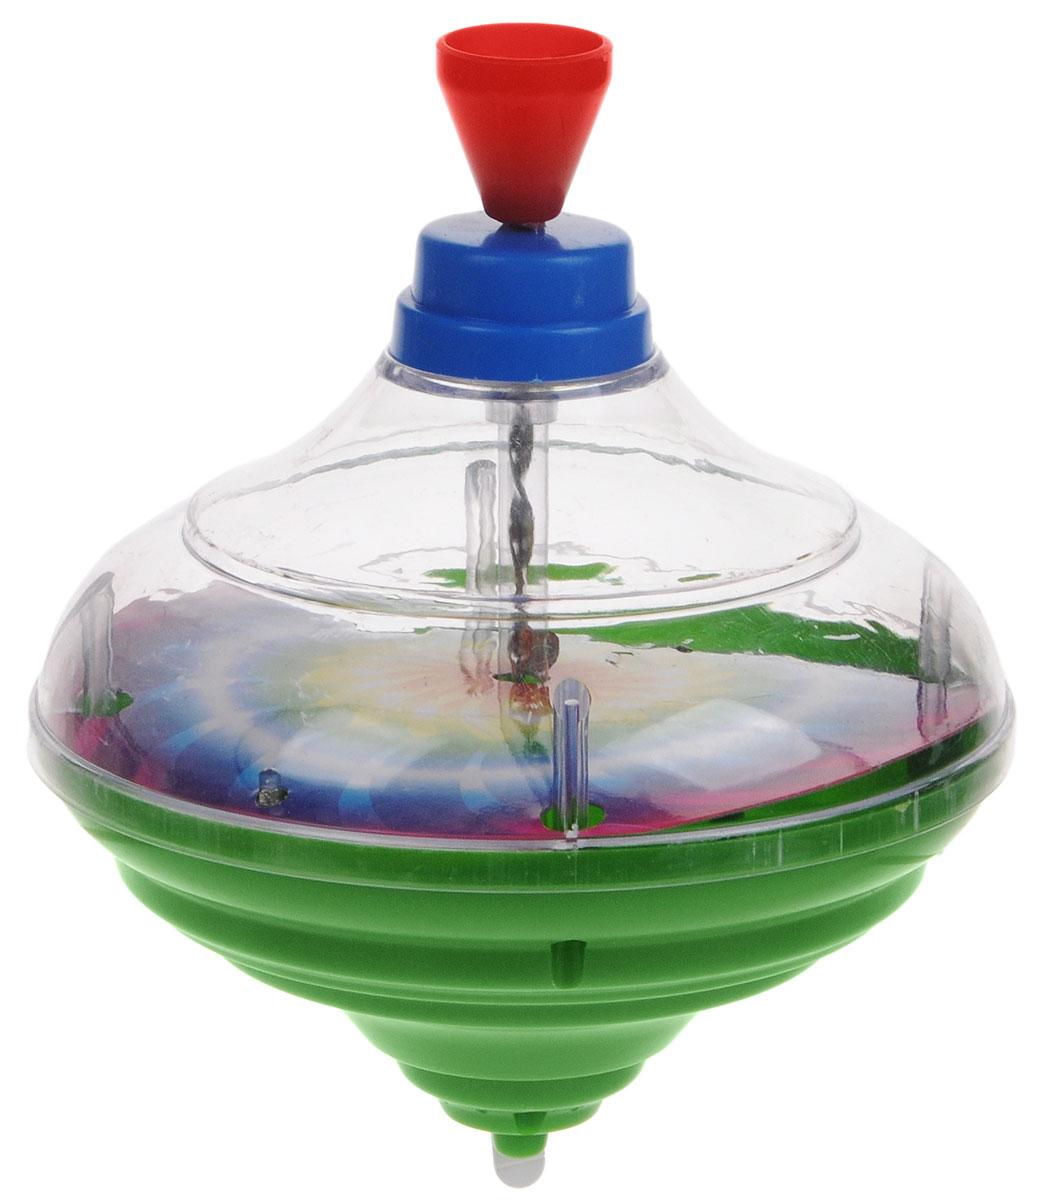 Junfa Toys Юла цвет зеленыйCQS788-7_зеленыйДетская юла - это одна из самых популярных и любимых игрушек малышей. У юлы Junfa Toys присутствуют световые и звуковые эффекты, что, несомненно, порадует вашего ребенка. Играть с юлой очень просто: нужно несколько раз поднять, а затем плавно опустить ручку юлы, и она закружится в завораживающем танце. Постепенно скорость снижается и юла останавливается. Игра с юлой поможет развить пространственное мышление, координацию движений, мелкую моторику, фантазию, наблюдательность, цветовое и звуковое восприятия. Рекомендуется докупить 3 батарейки напряжением 1,5V типа АG13/LR44 (товар комплектуется демонстрационными).